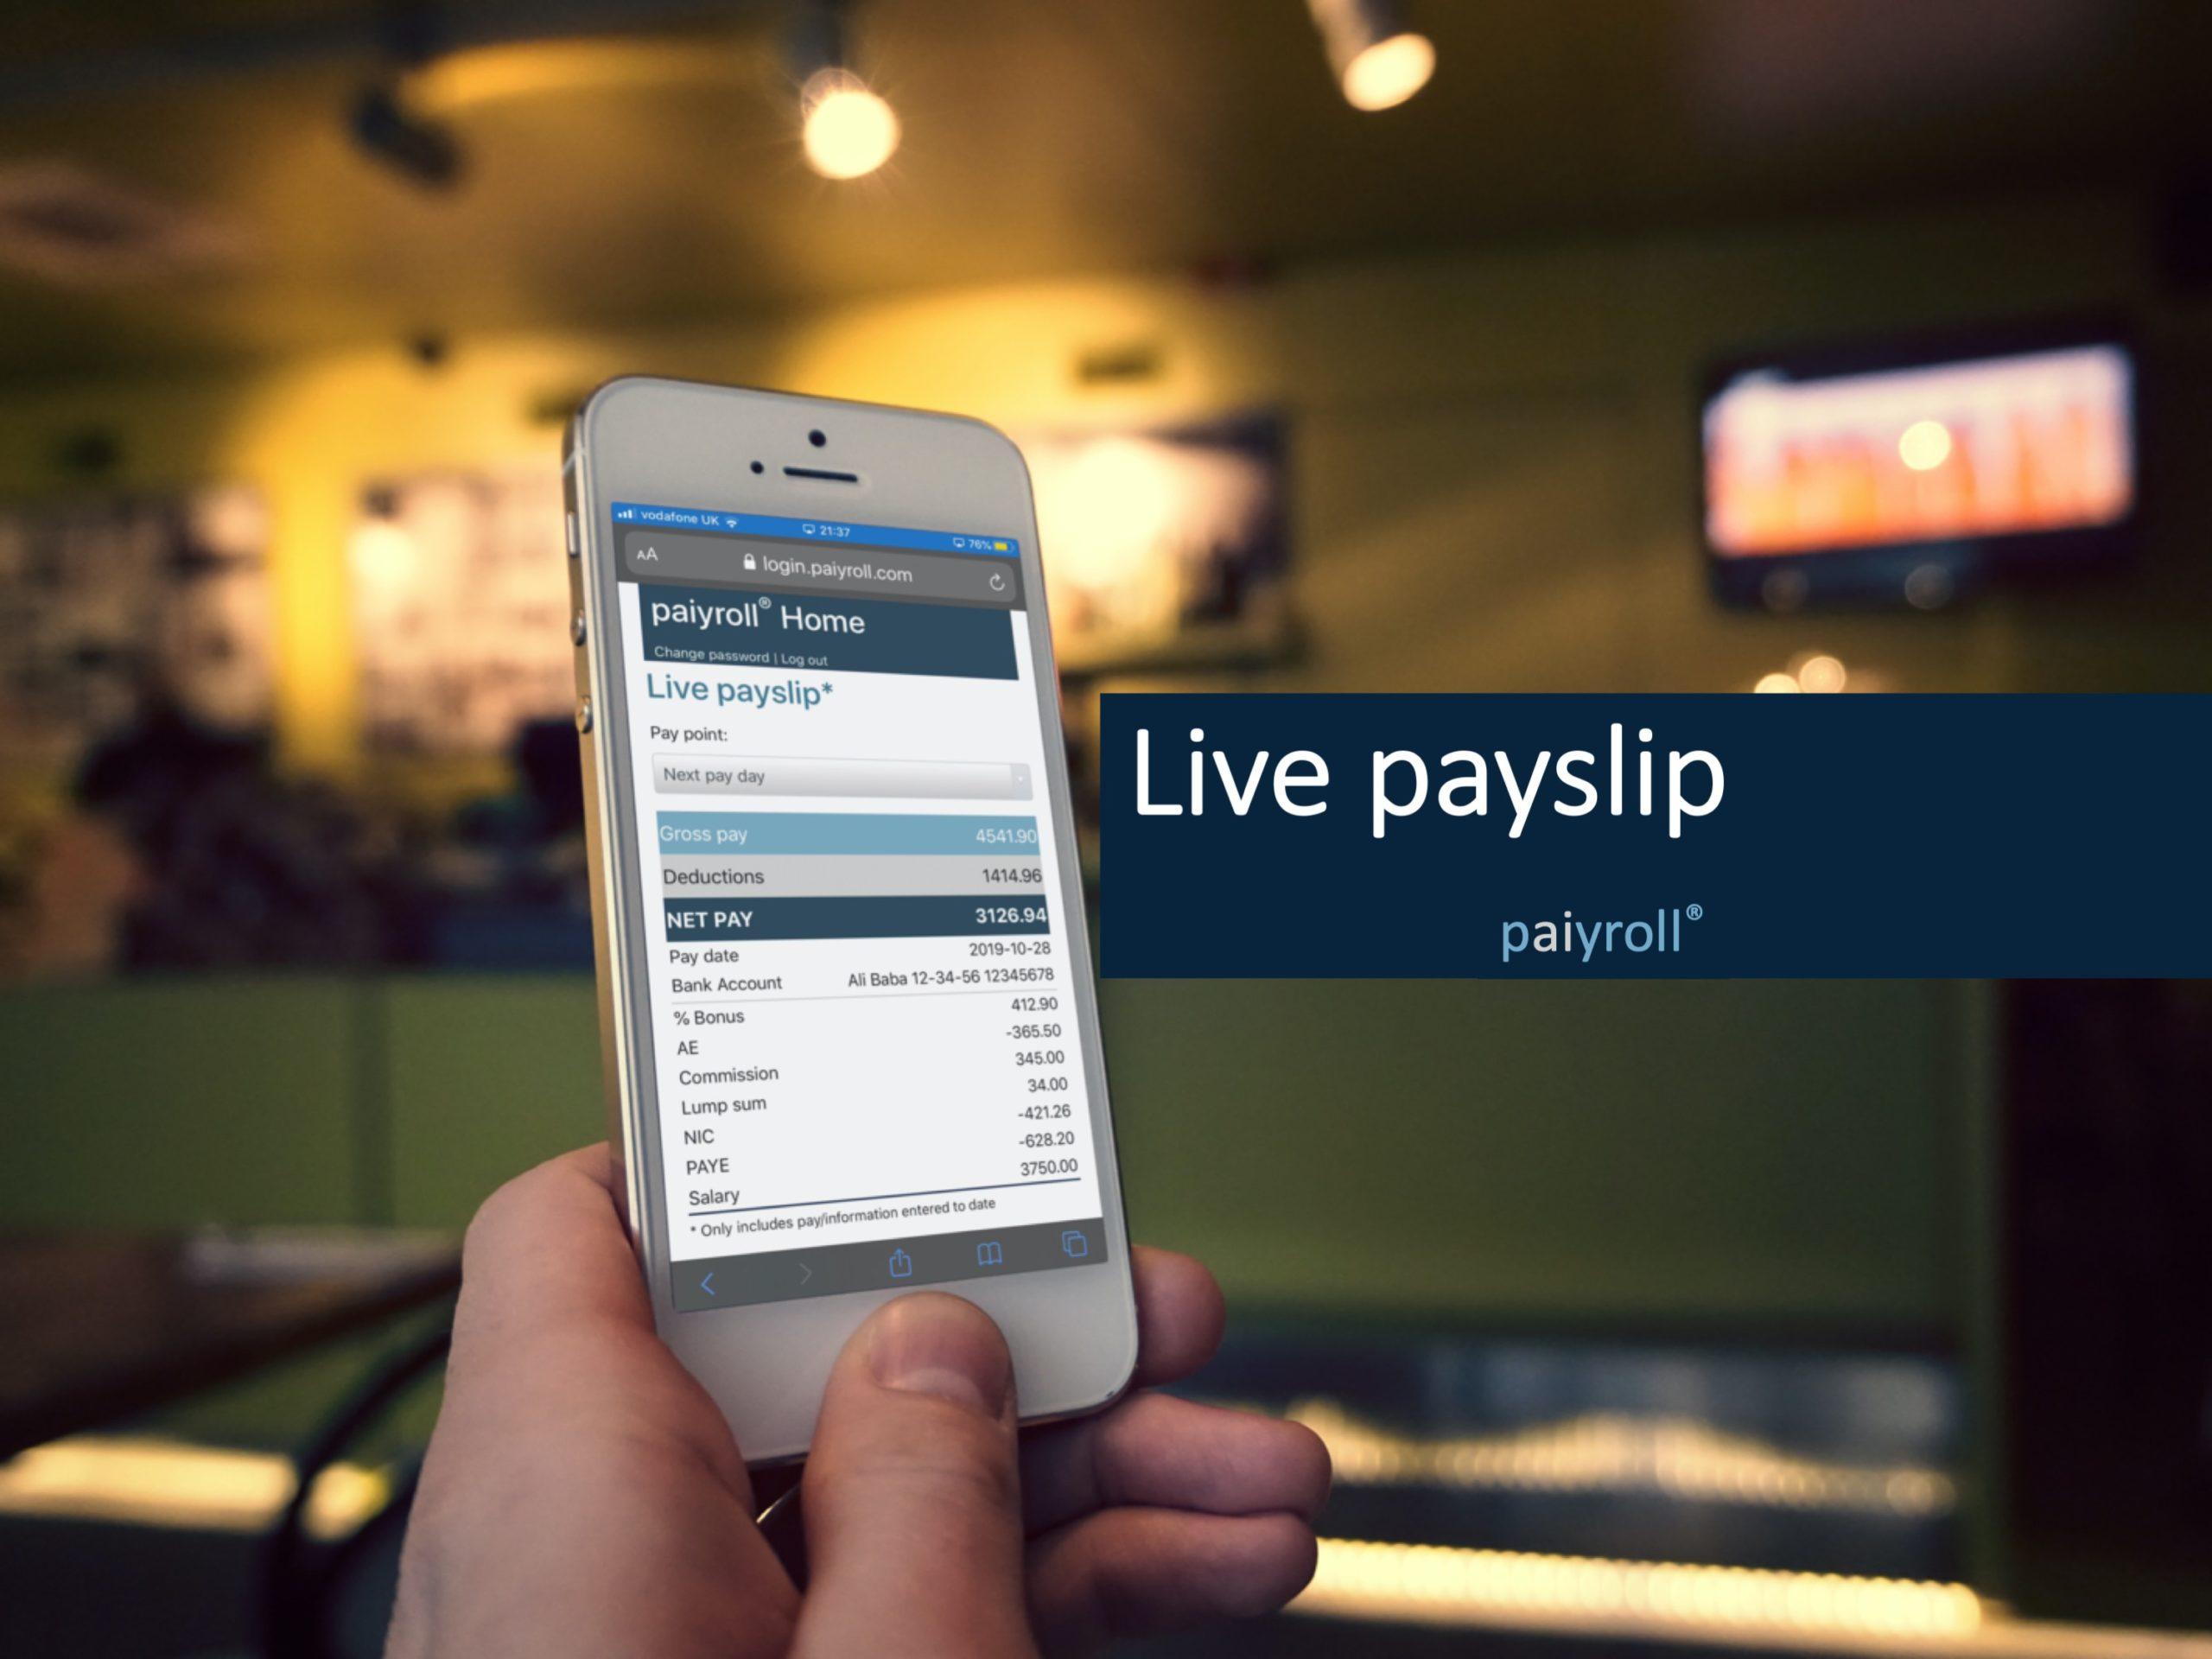 Live payslip